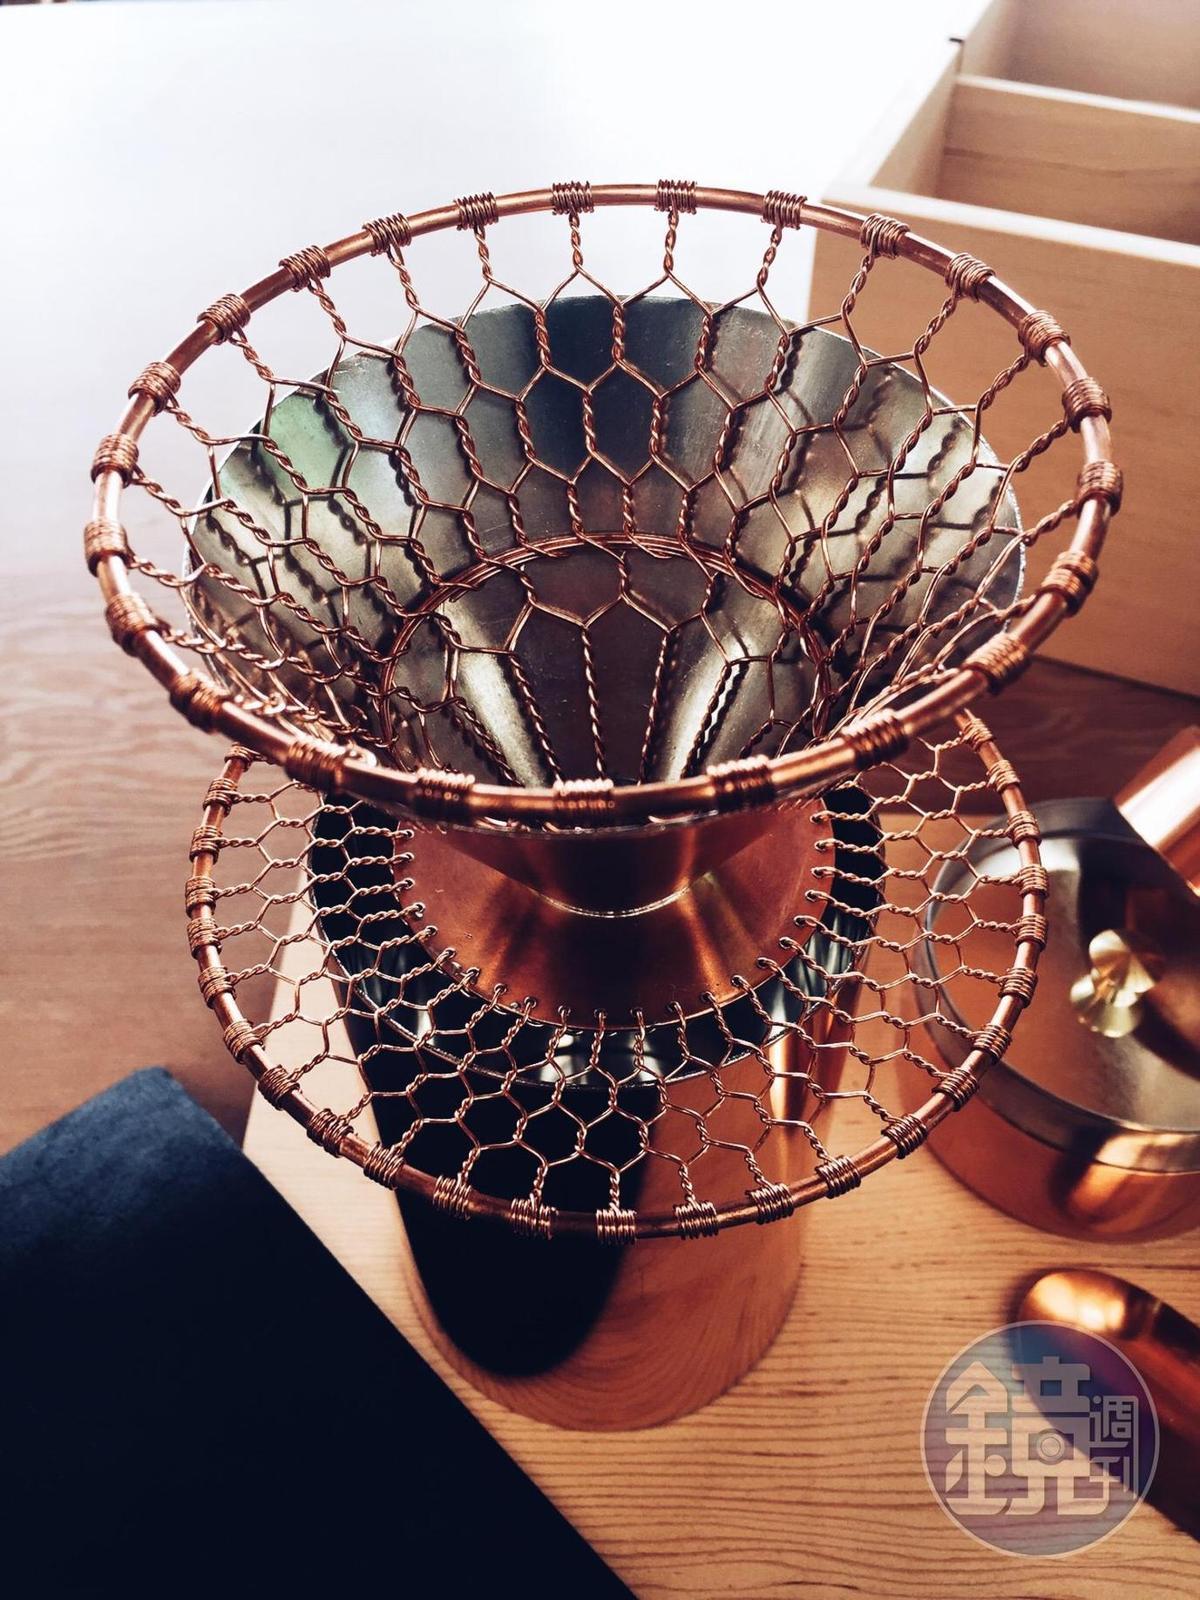 「金網つじ」以傳統京都金網的編織手工藝,打造紅銅手沖咖啡濾杯。濾杯傾斜的角度,和特別緻密的紅銅金網編織細節都十分講究。